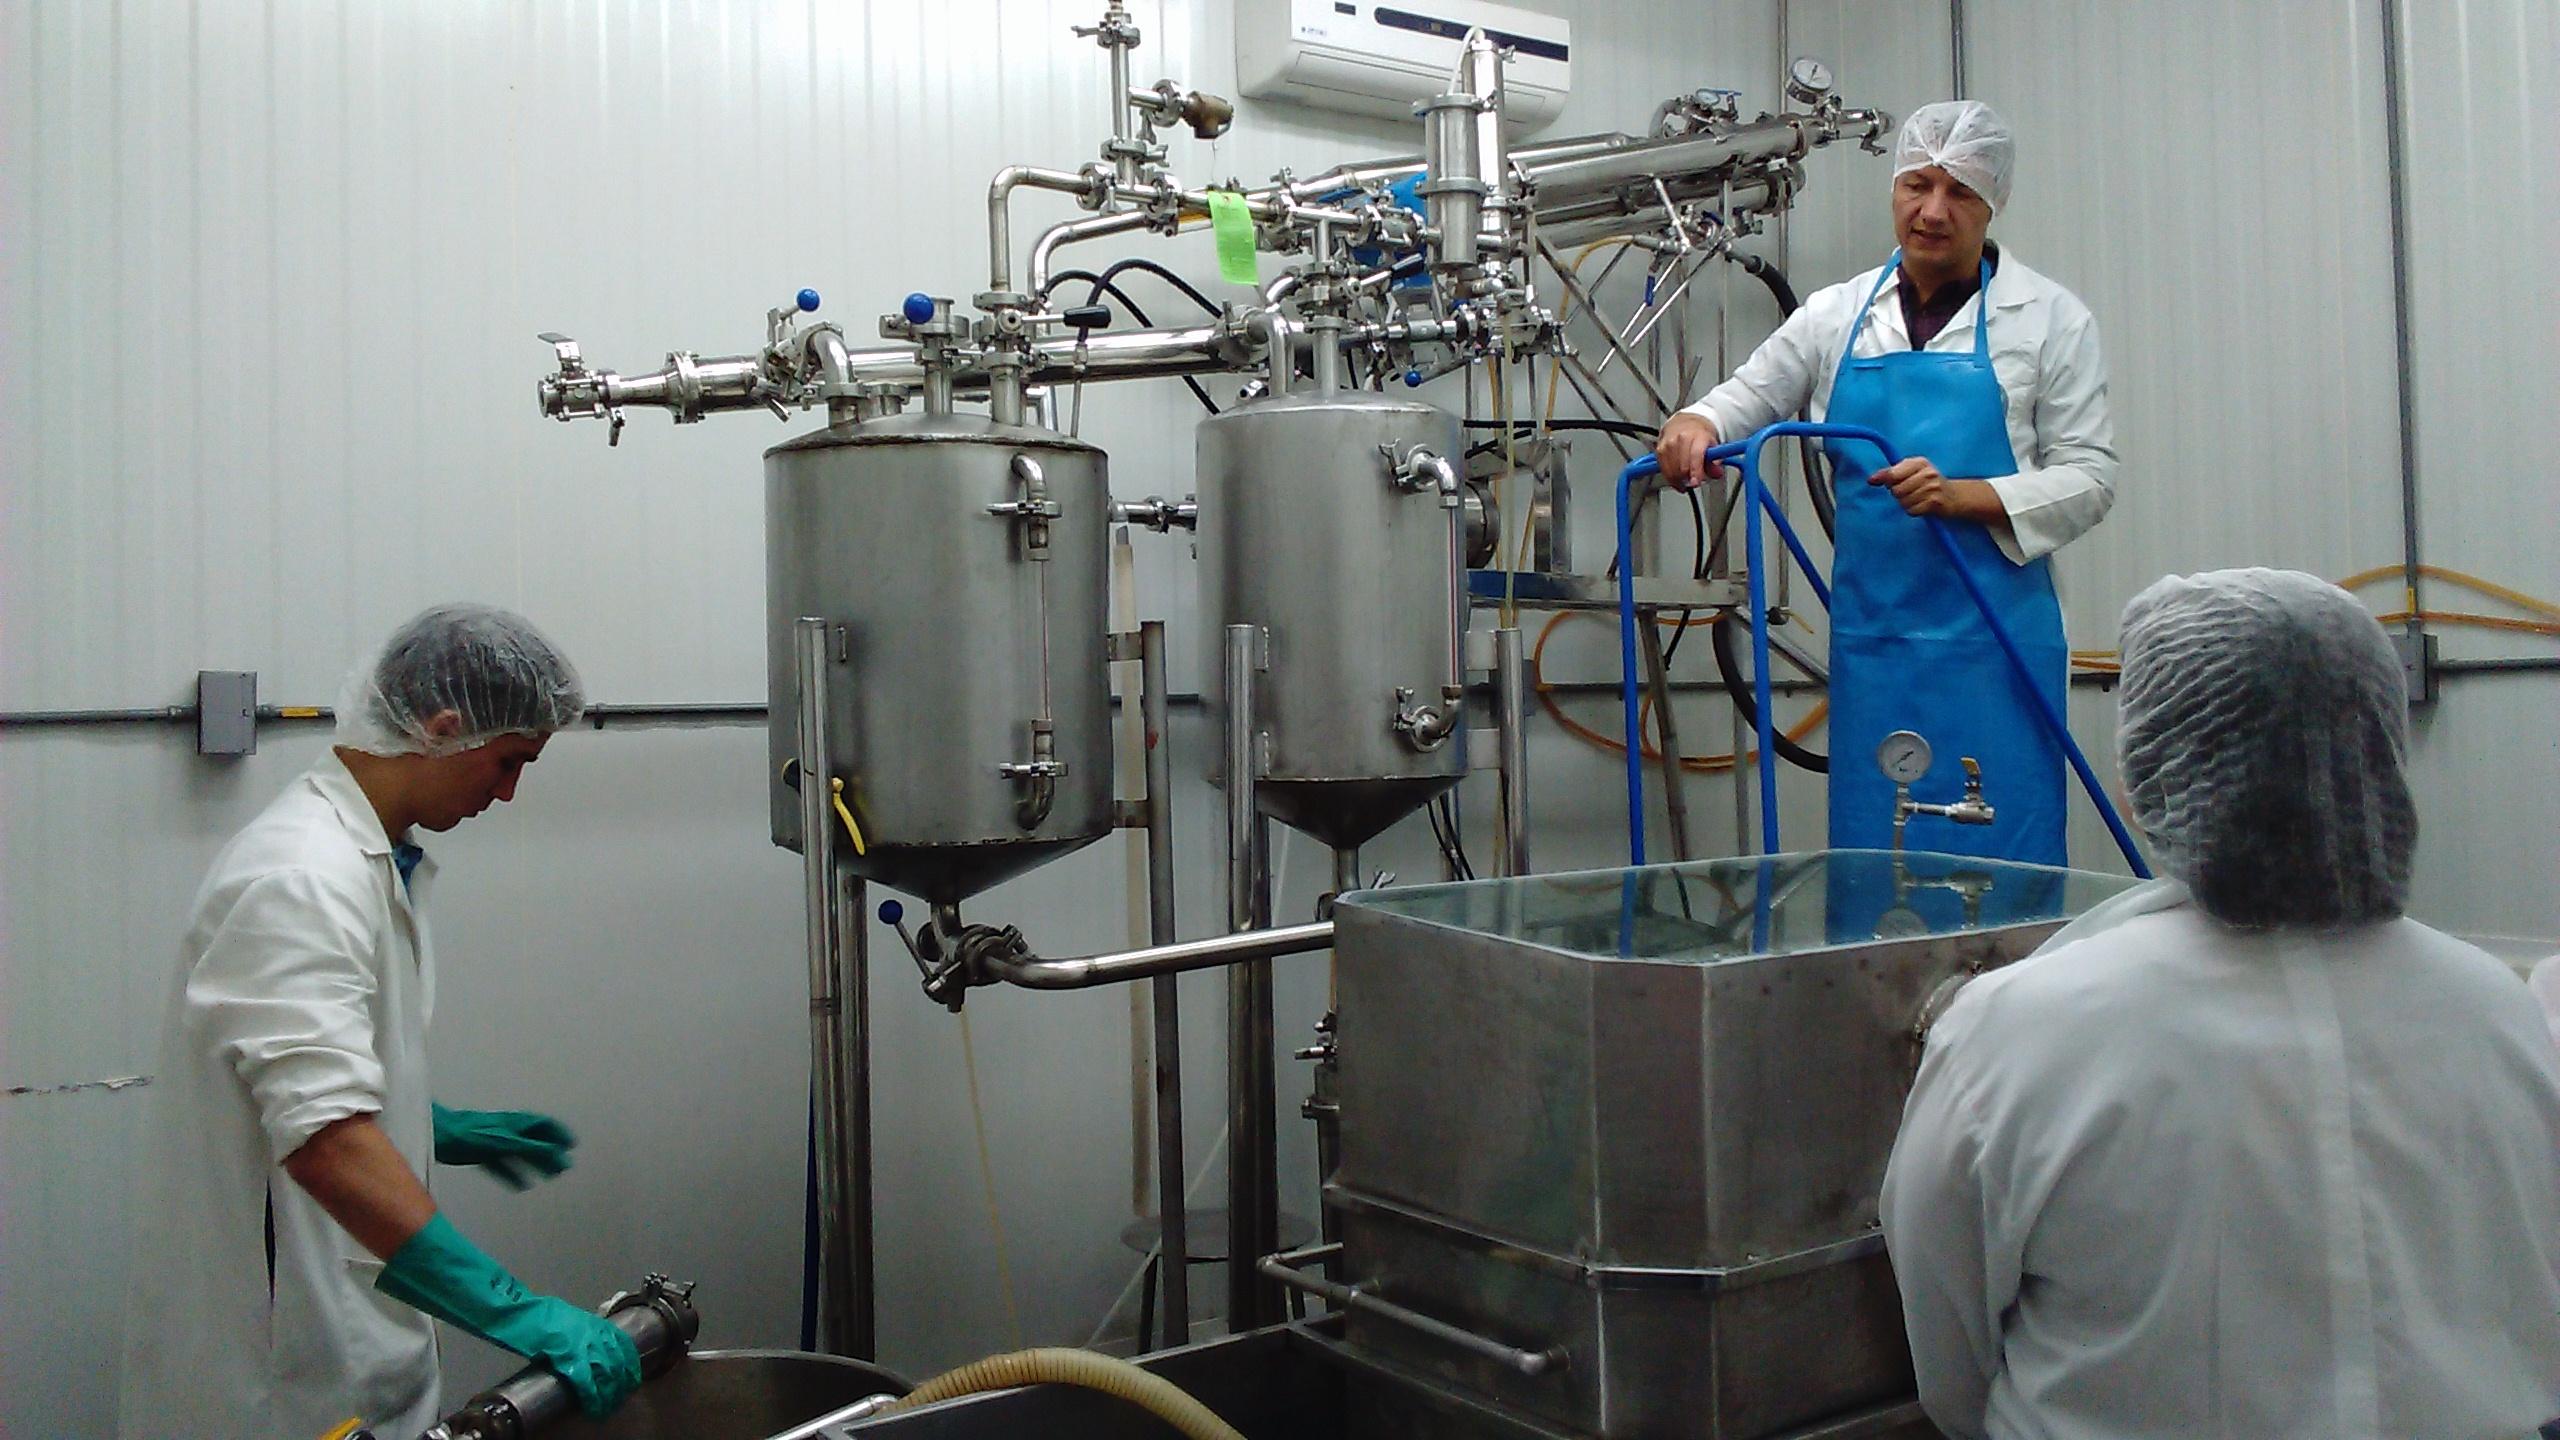 La microfiltration est un procédé qui permet de conserver en bouteille de nombreuses qualités des fruits - © D.R.